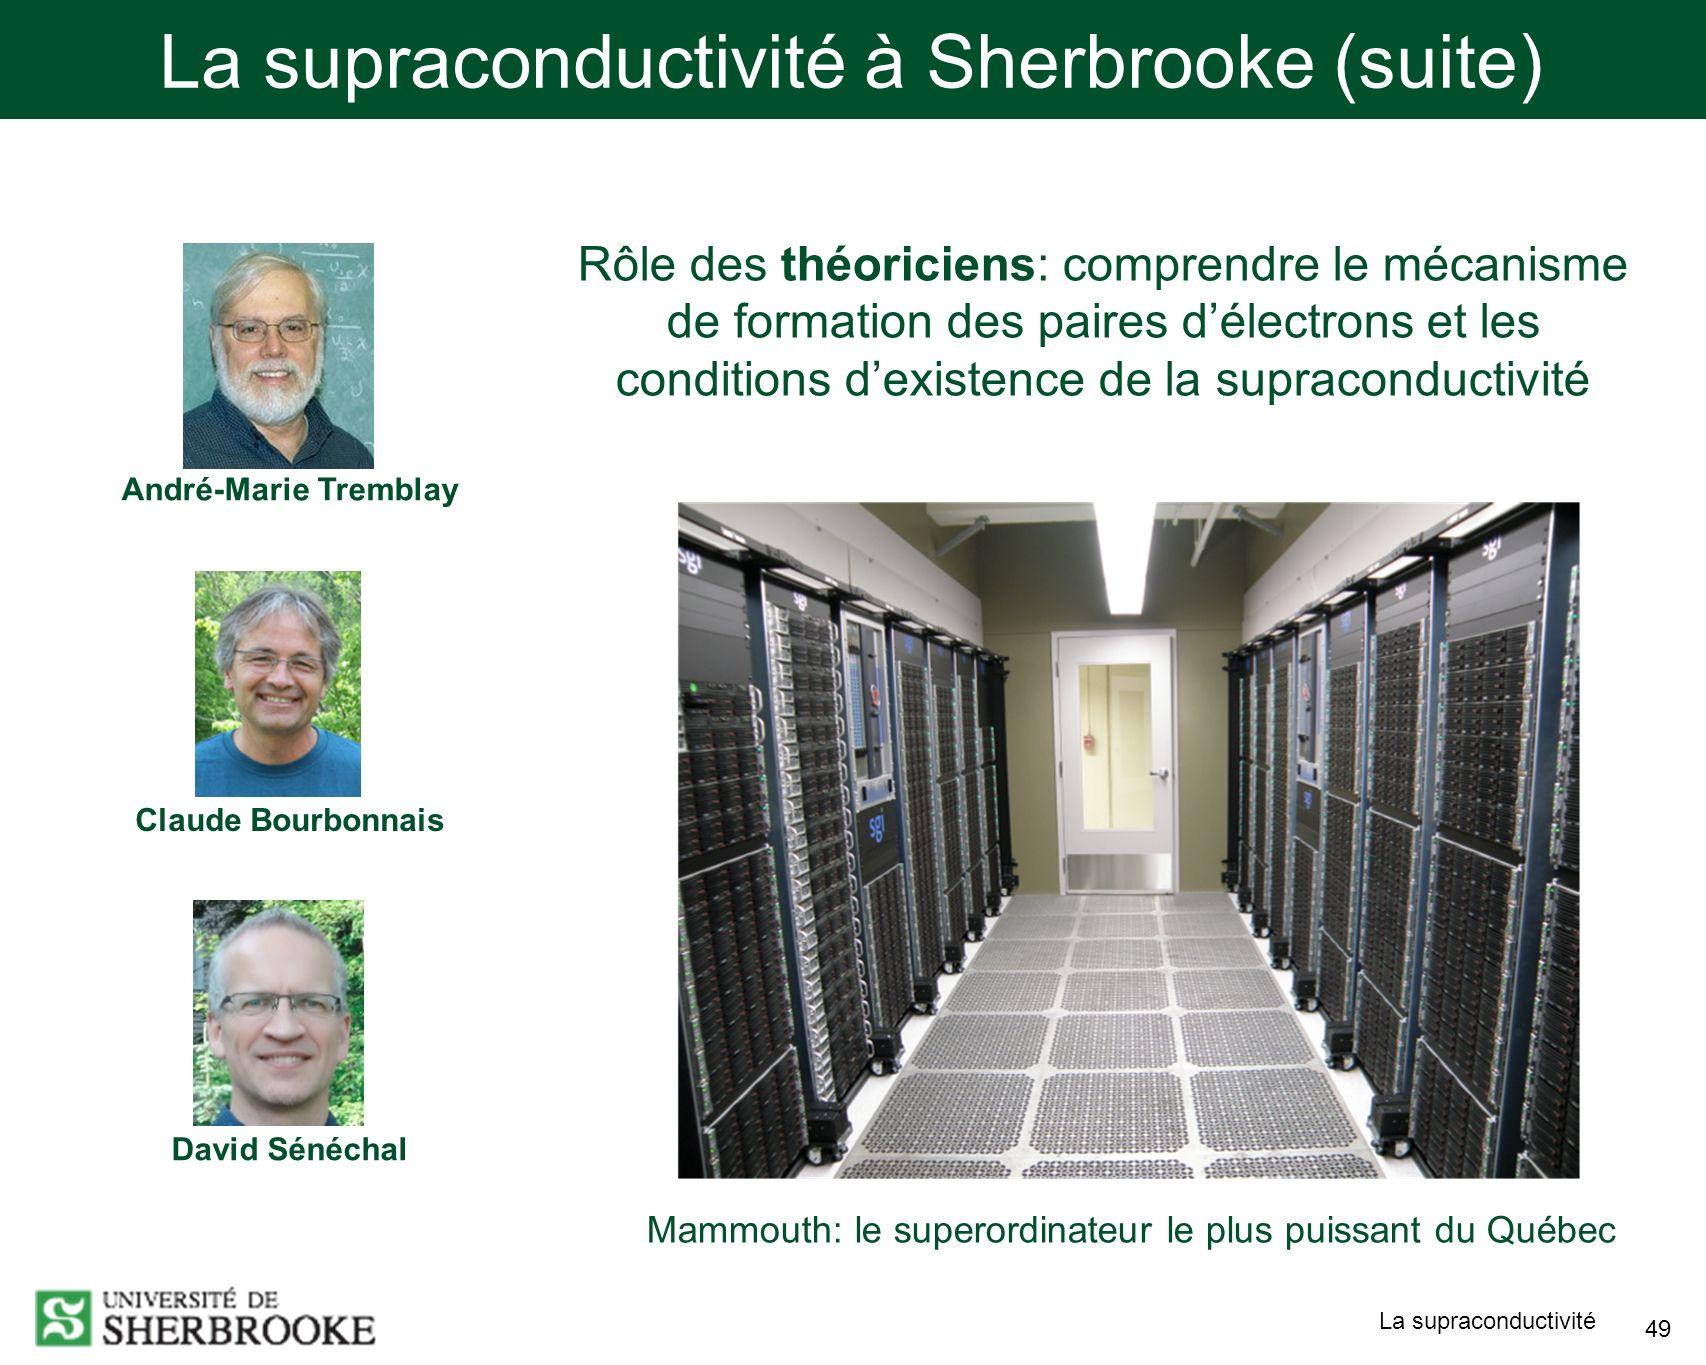 La supraconductivité 49 La supraconductivité à Sherbrooke (suite) André-Marie Tremblay Claude Bourbonnais David Sénéchal Rôle des théoriciens: comprendre le mécanisme de formation des paires délectrons et les conditions dexistence de la supraconductivité Mammouth: le superordinateur le plus puissant du Québec